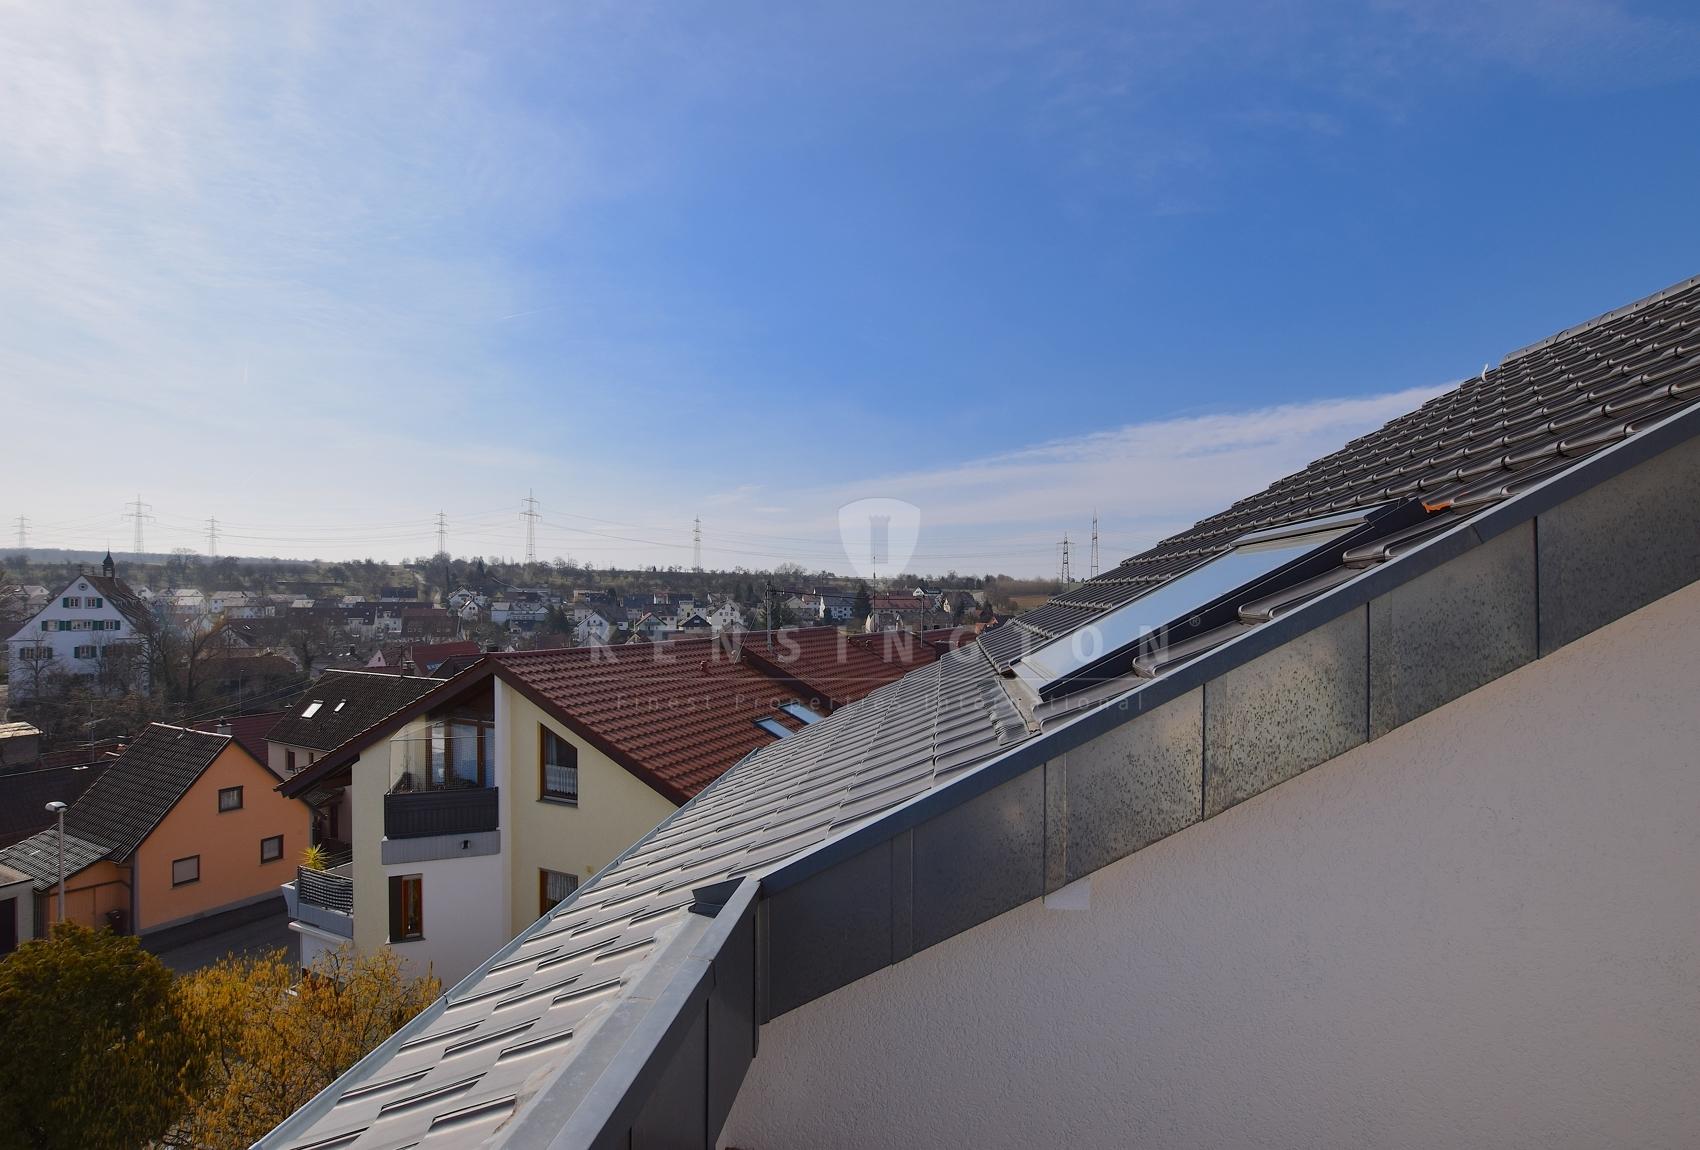 Das Dach wurde erst letztes Jahr modernisiert